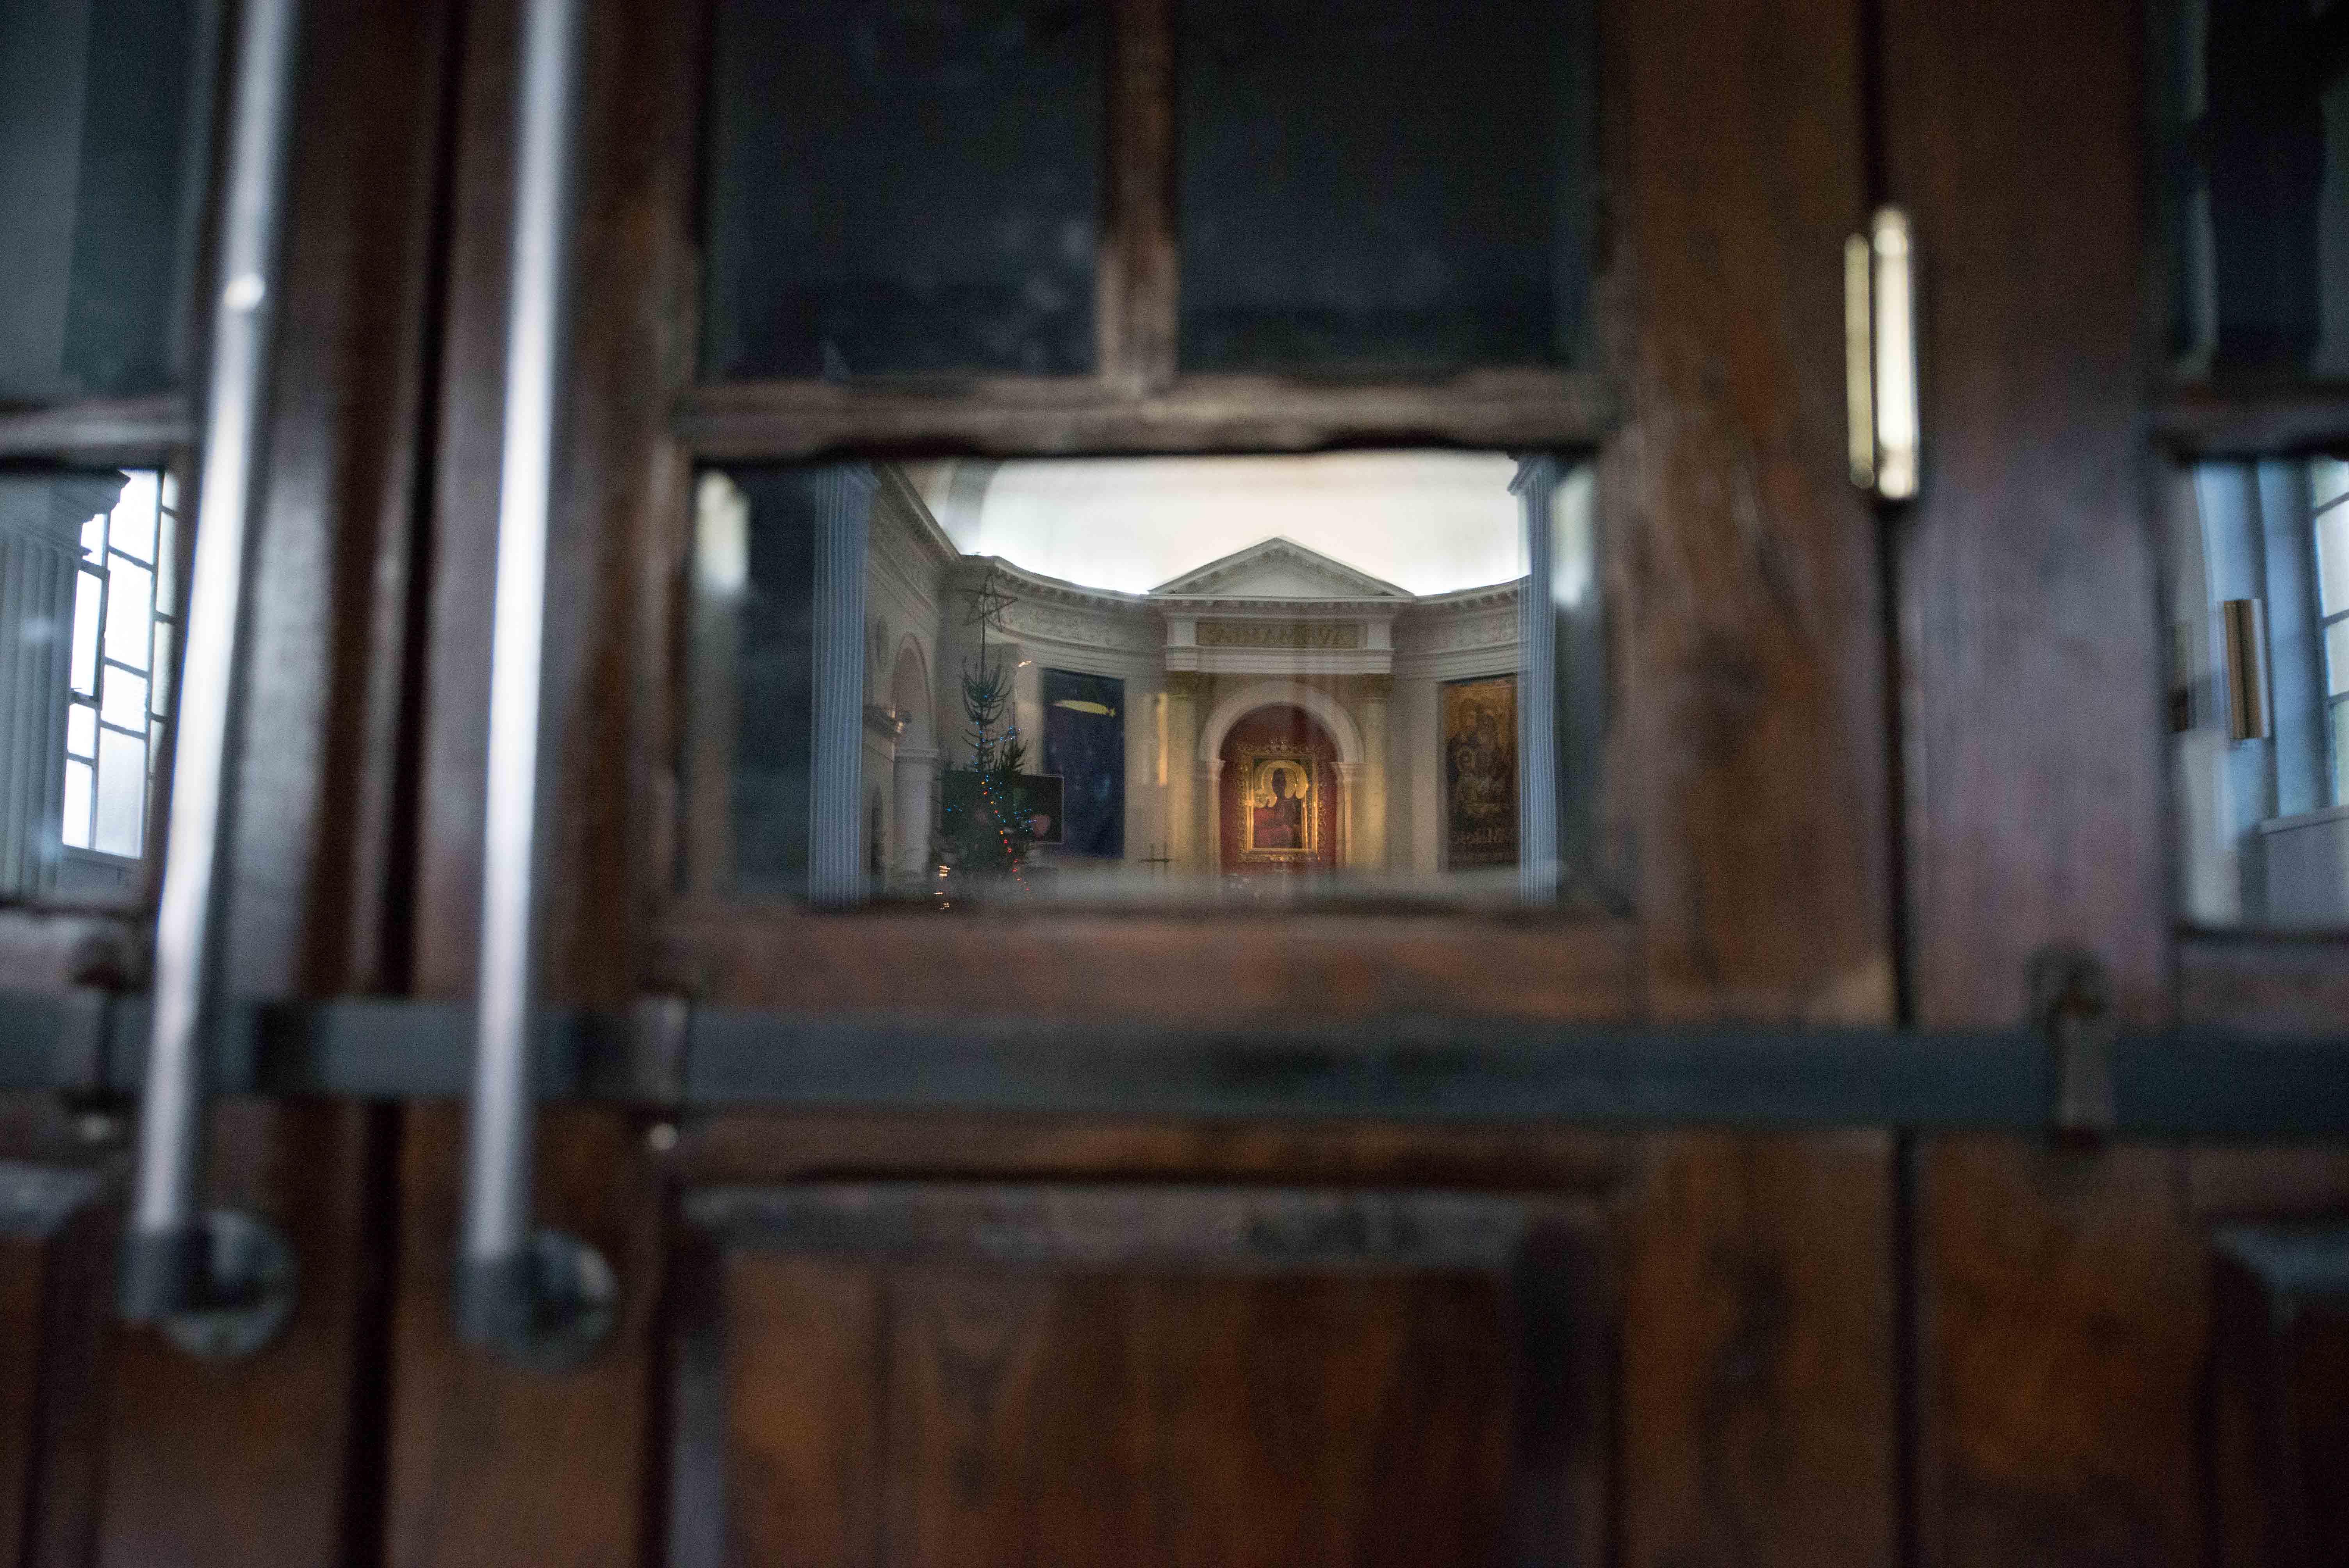 Kosciol Najswietszej Maryi Panny Czestochowskiej we Wroclawiu male (7)